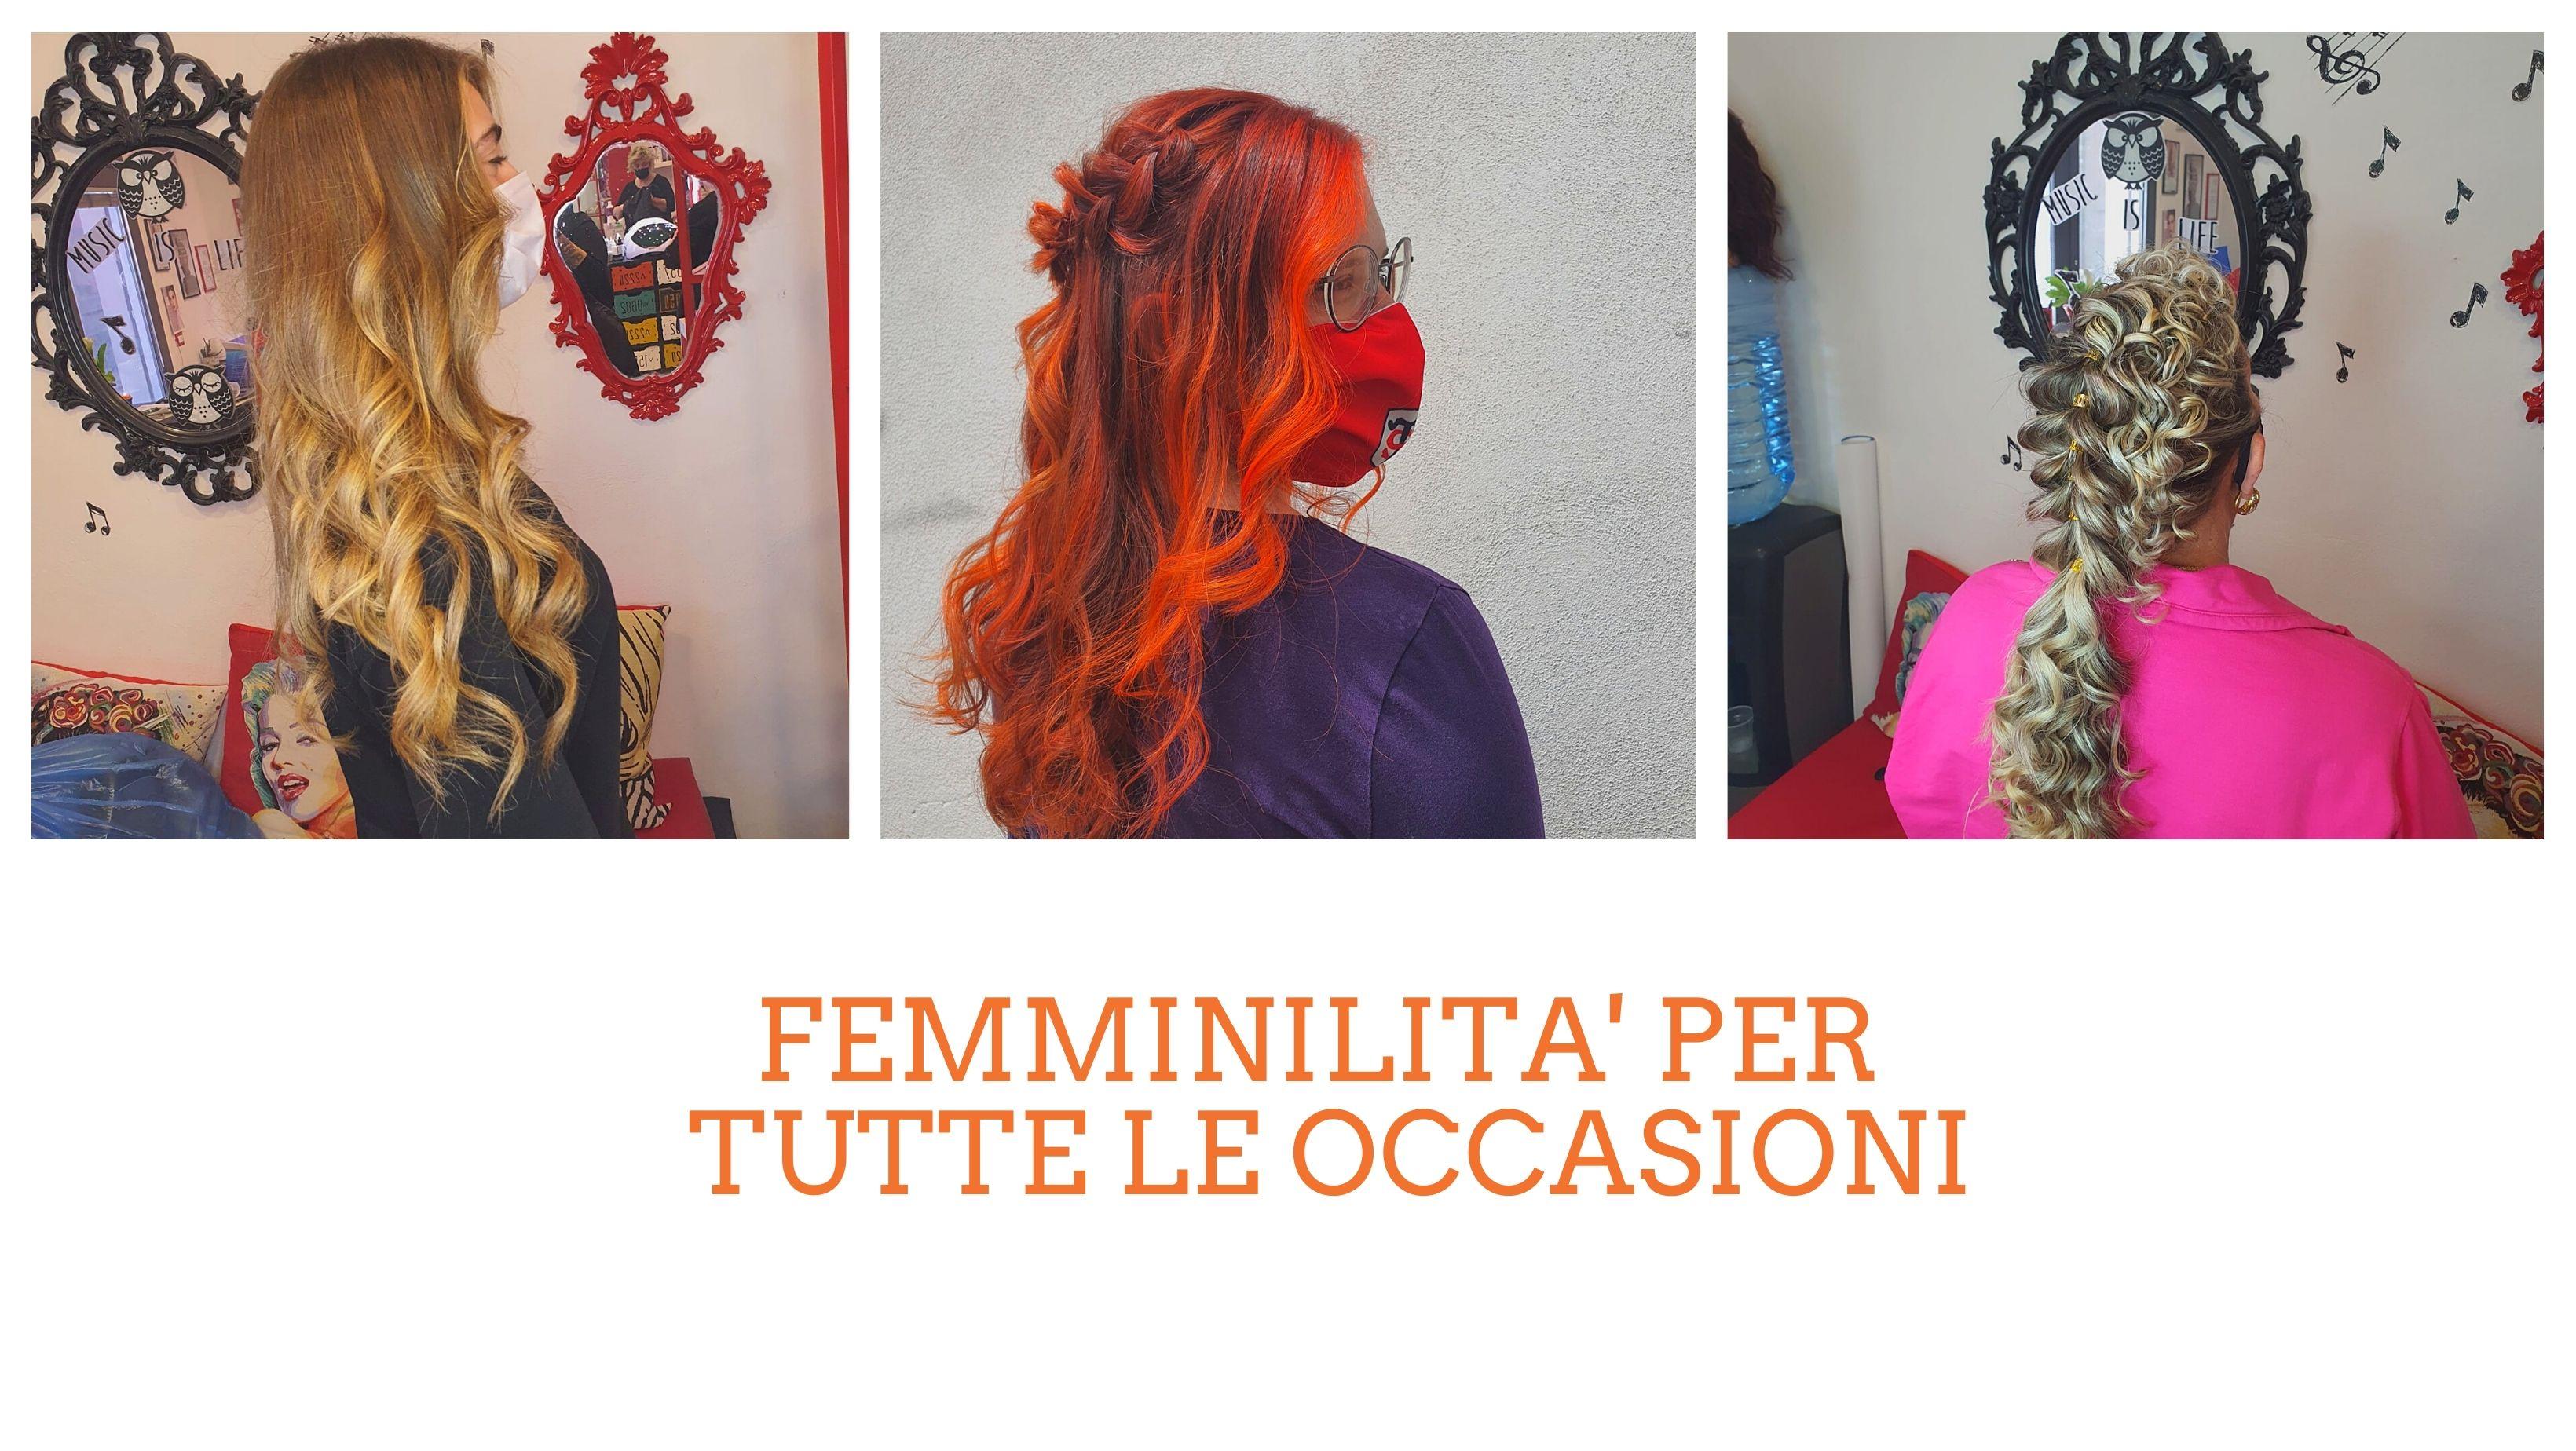 lady vanity parrucchieri - taglio capelli alla moda - colori alla moda